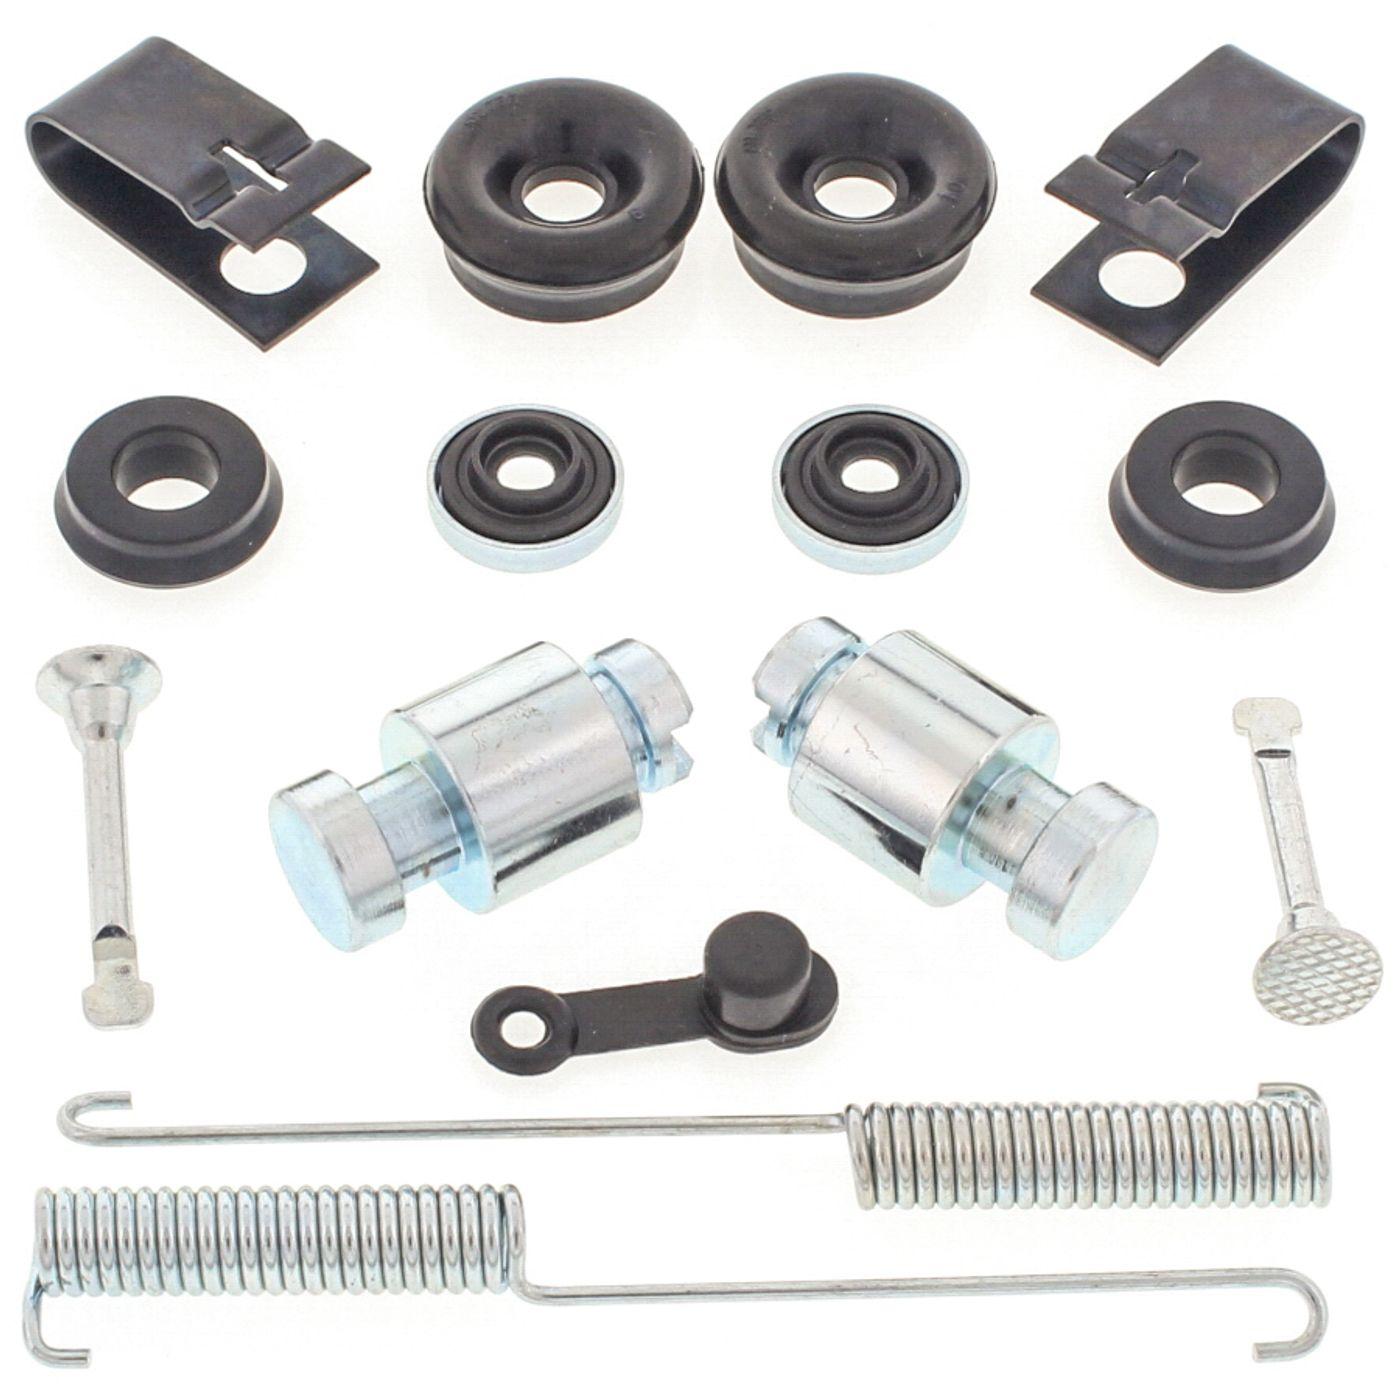 Wrp Wheel Cylinder Rebuild Kit - WRP185005 image